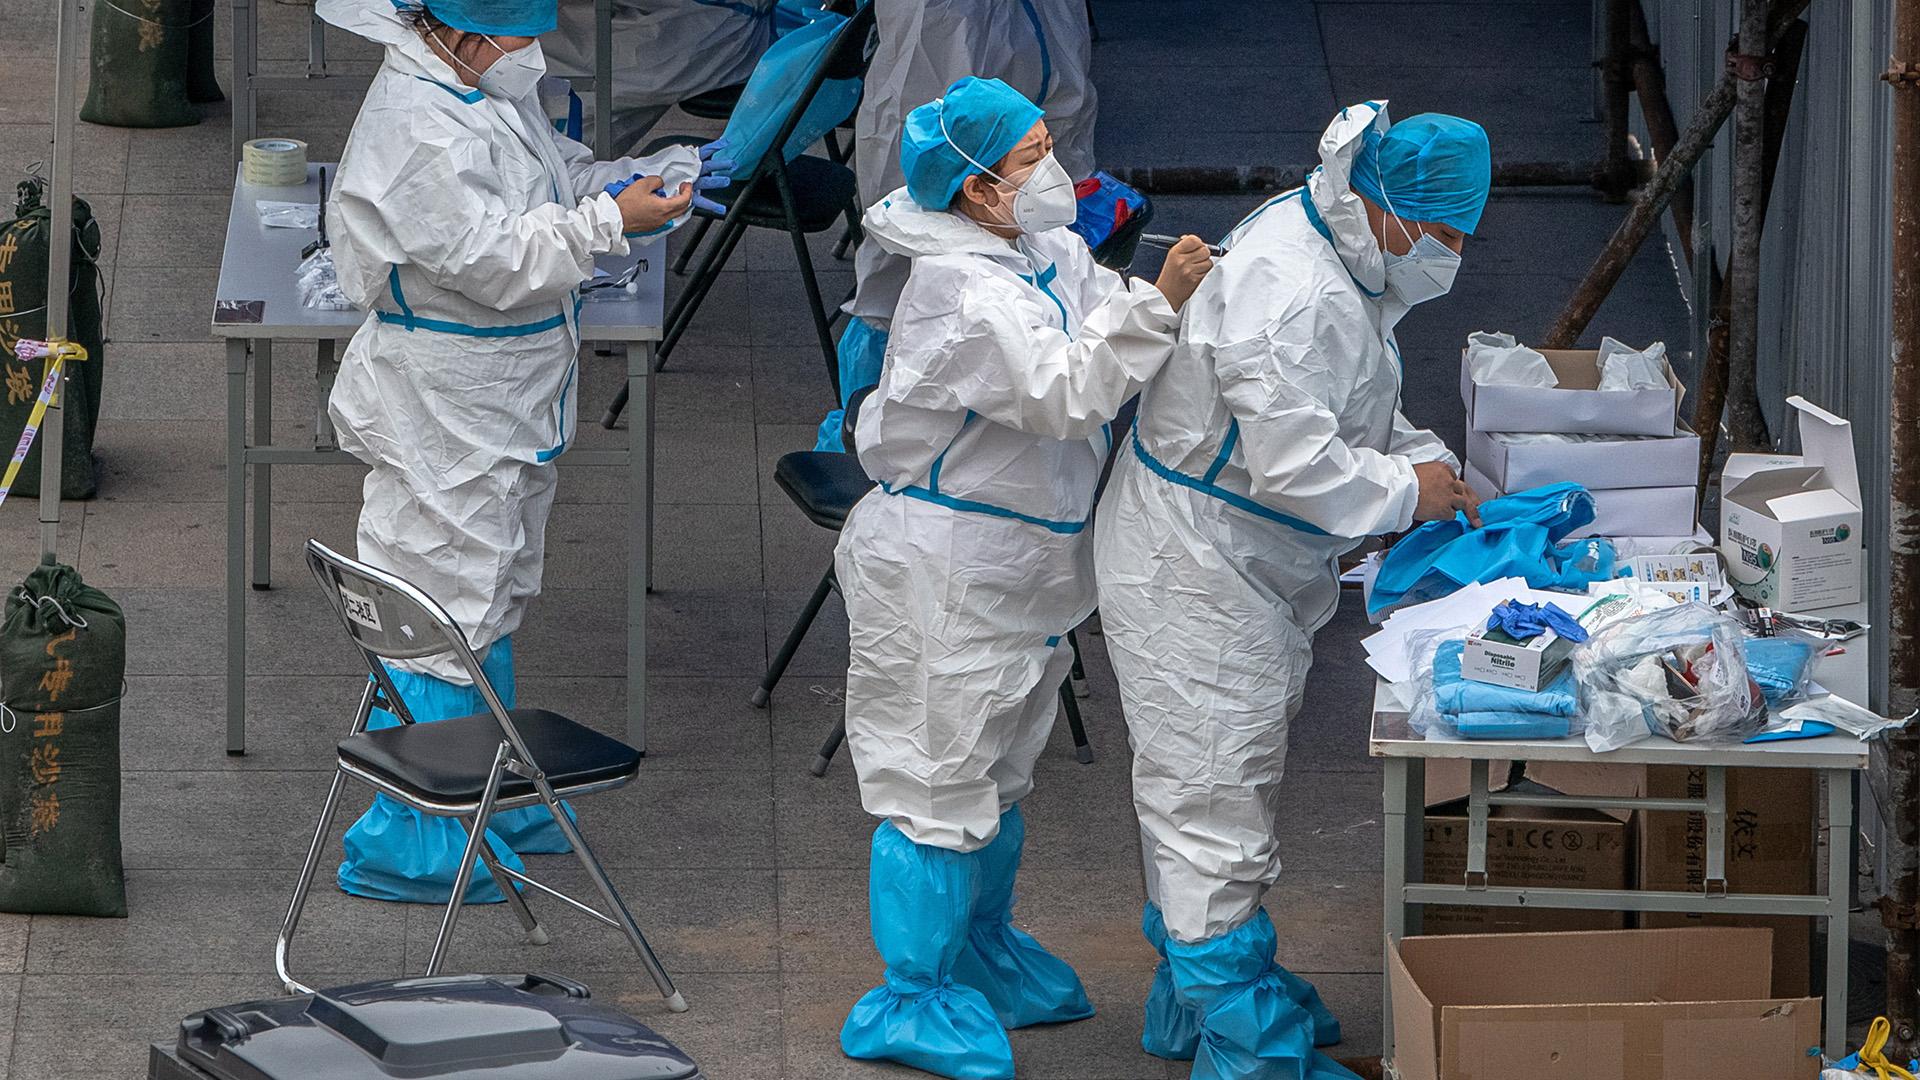 Koronavírus-tesztelésre készülnek (Fotó: MTI/EPA/Roman Pilipej)